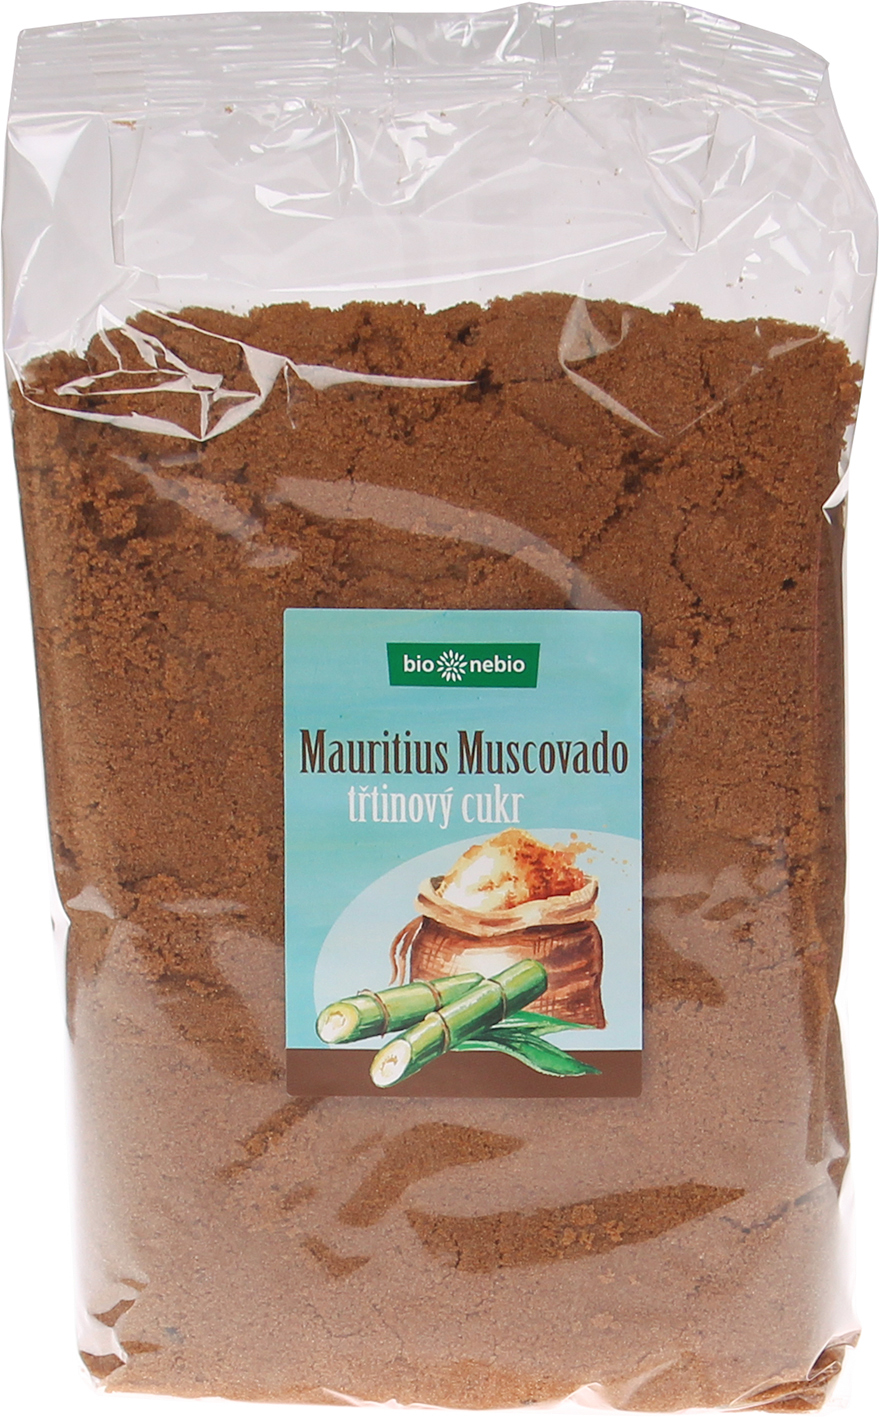 Přírodní třtinový cukr MUSCOVADO bio*nebio 1 kg